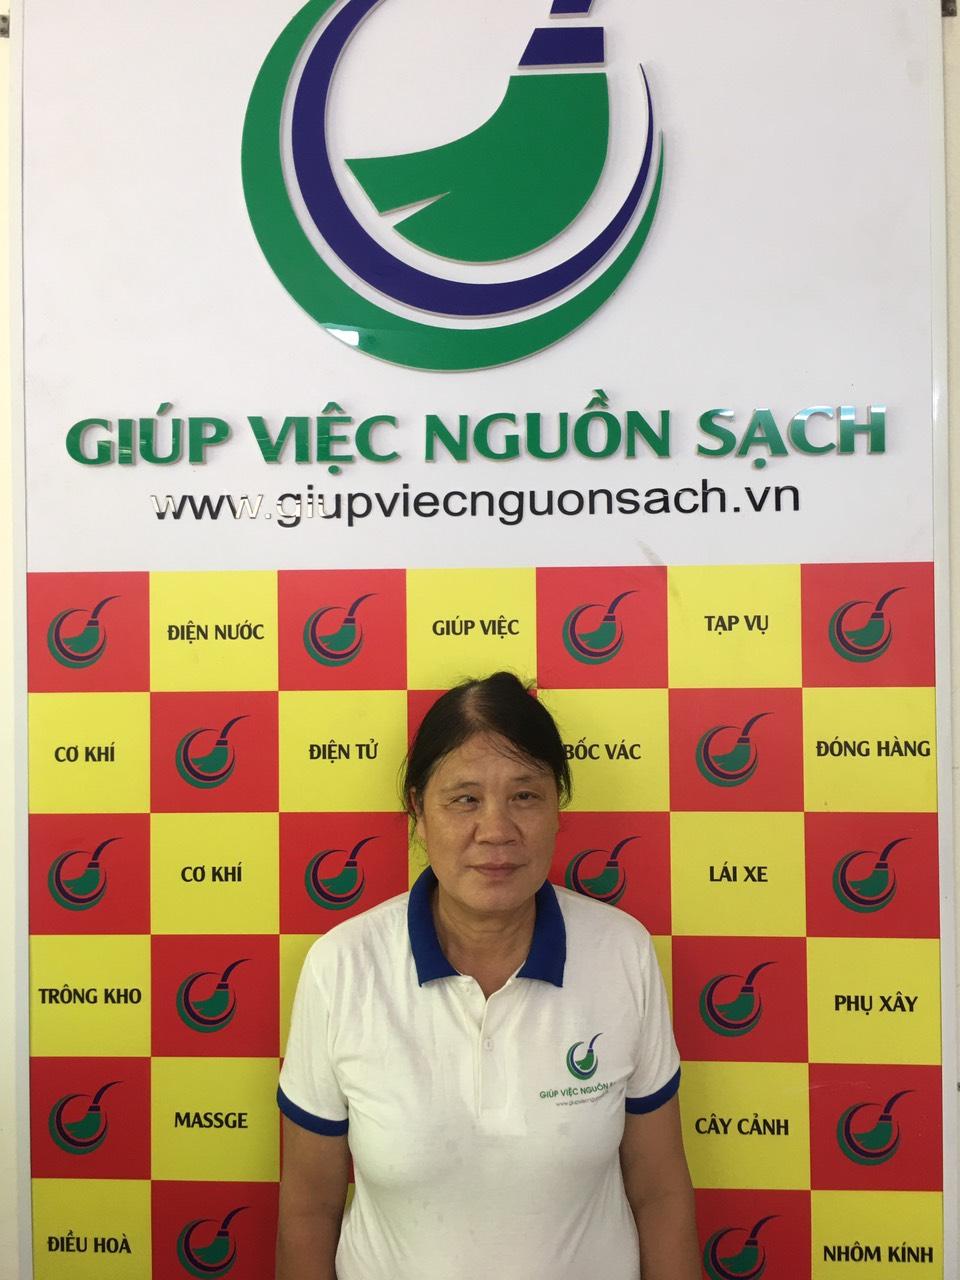 Cô thắng 1965,Hà Nội giúp việc.jpg